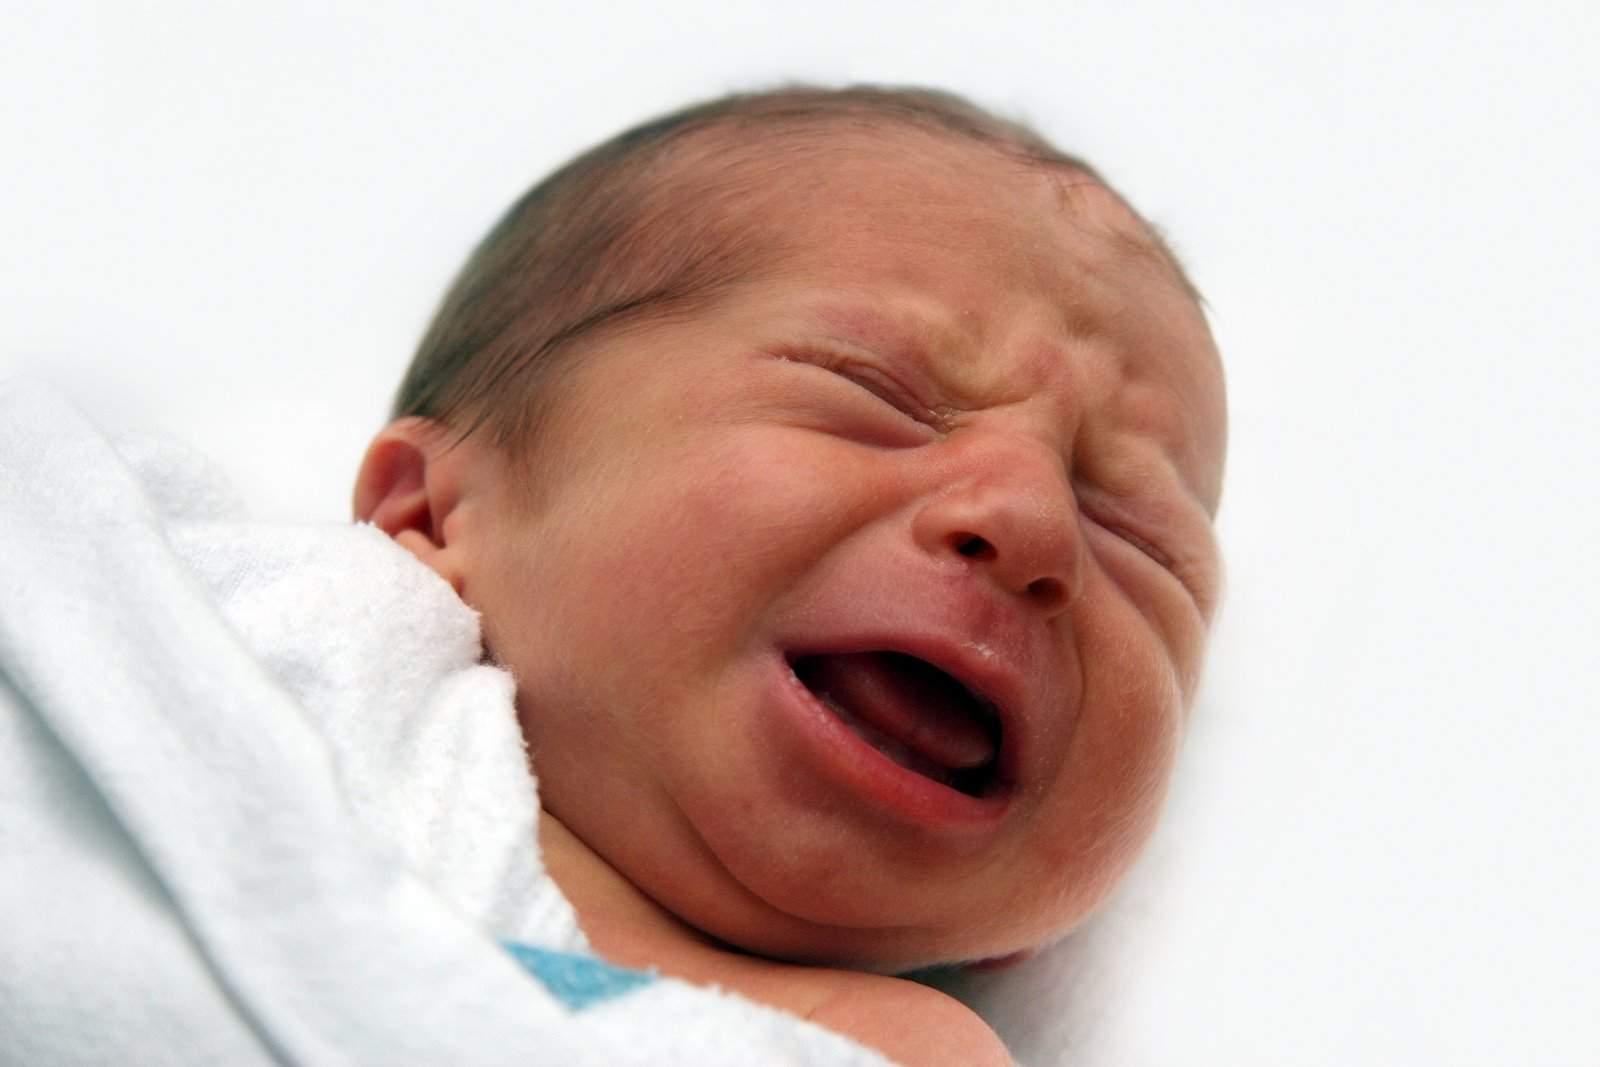 Mengapa Tidak Boleh Membiarkan Bayi Terlalu Lama Menangis ...